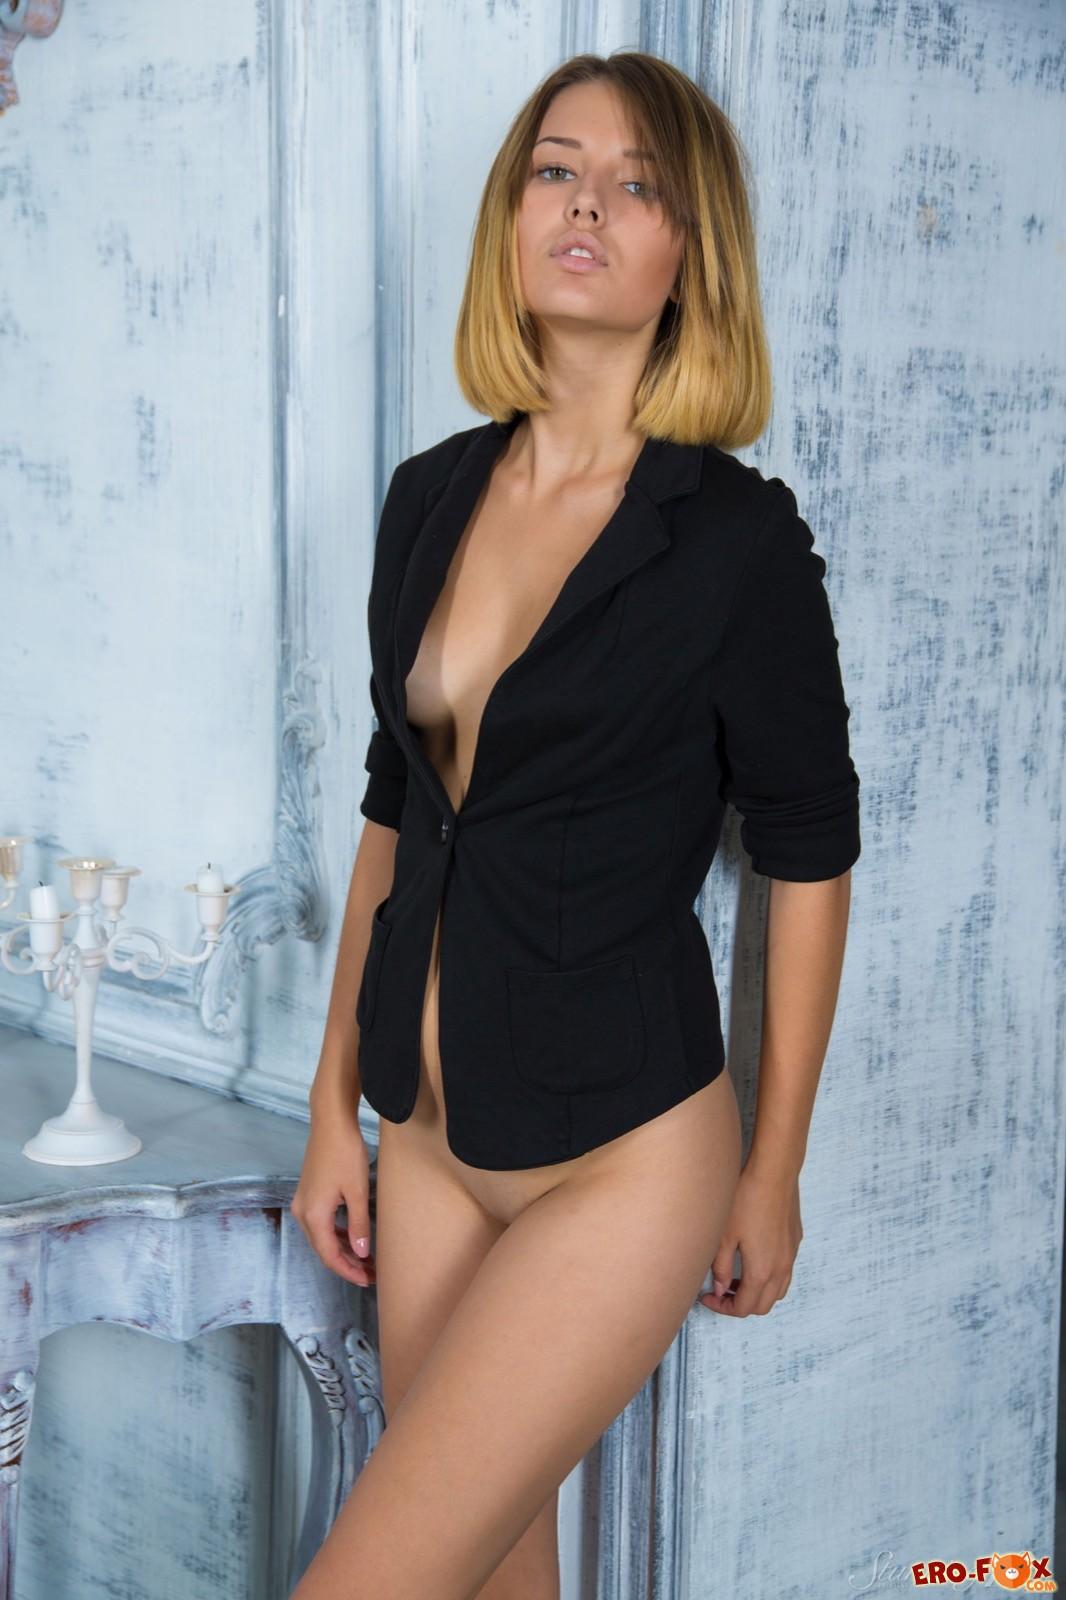 Сексуальная модель с маленькими сиськами